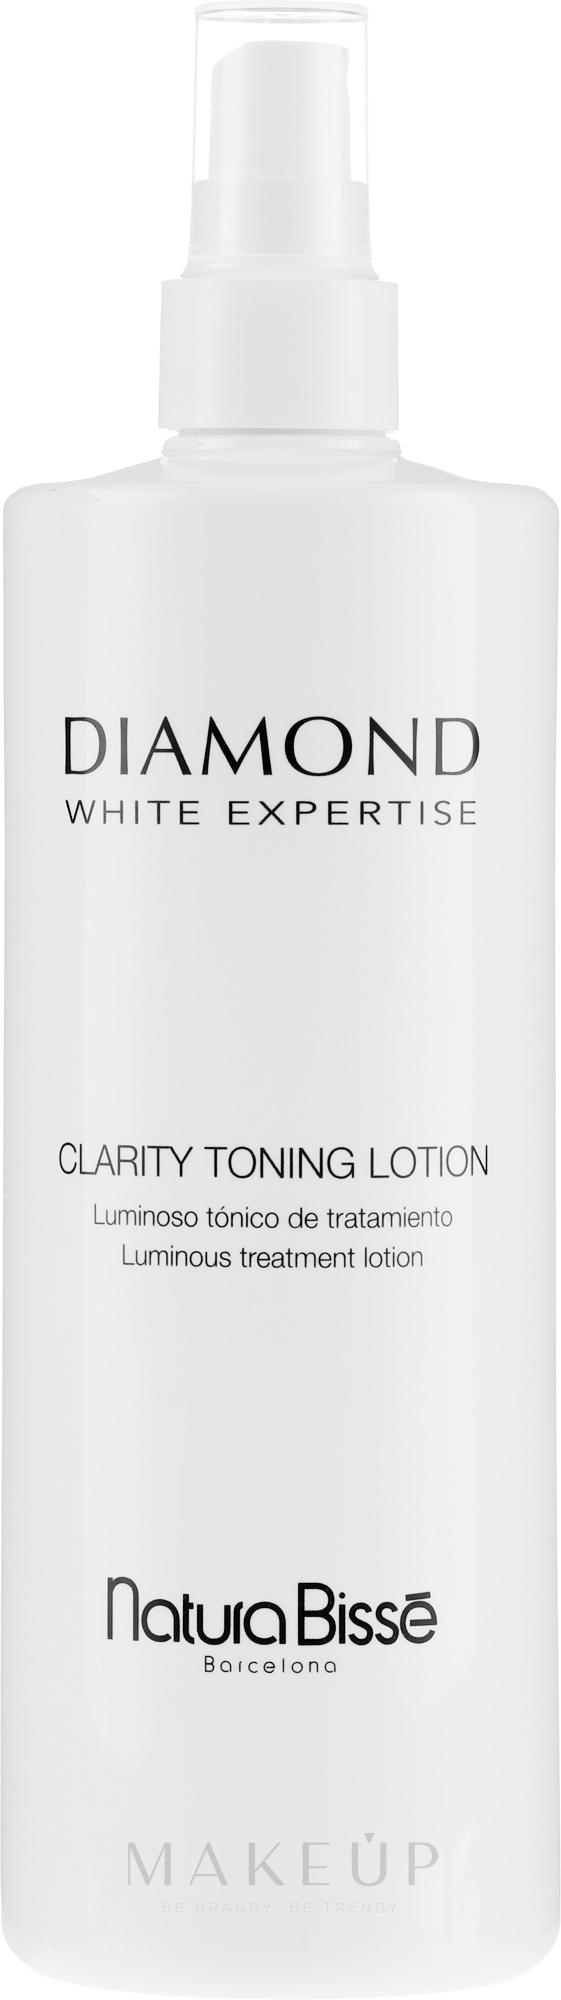 Reinigendes aufhellendes Gesichtswasser - Natura Bisse Diamond White Clarity Toning Lotion — Bild 200 ml